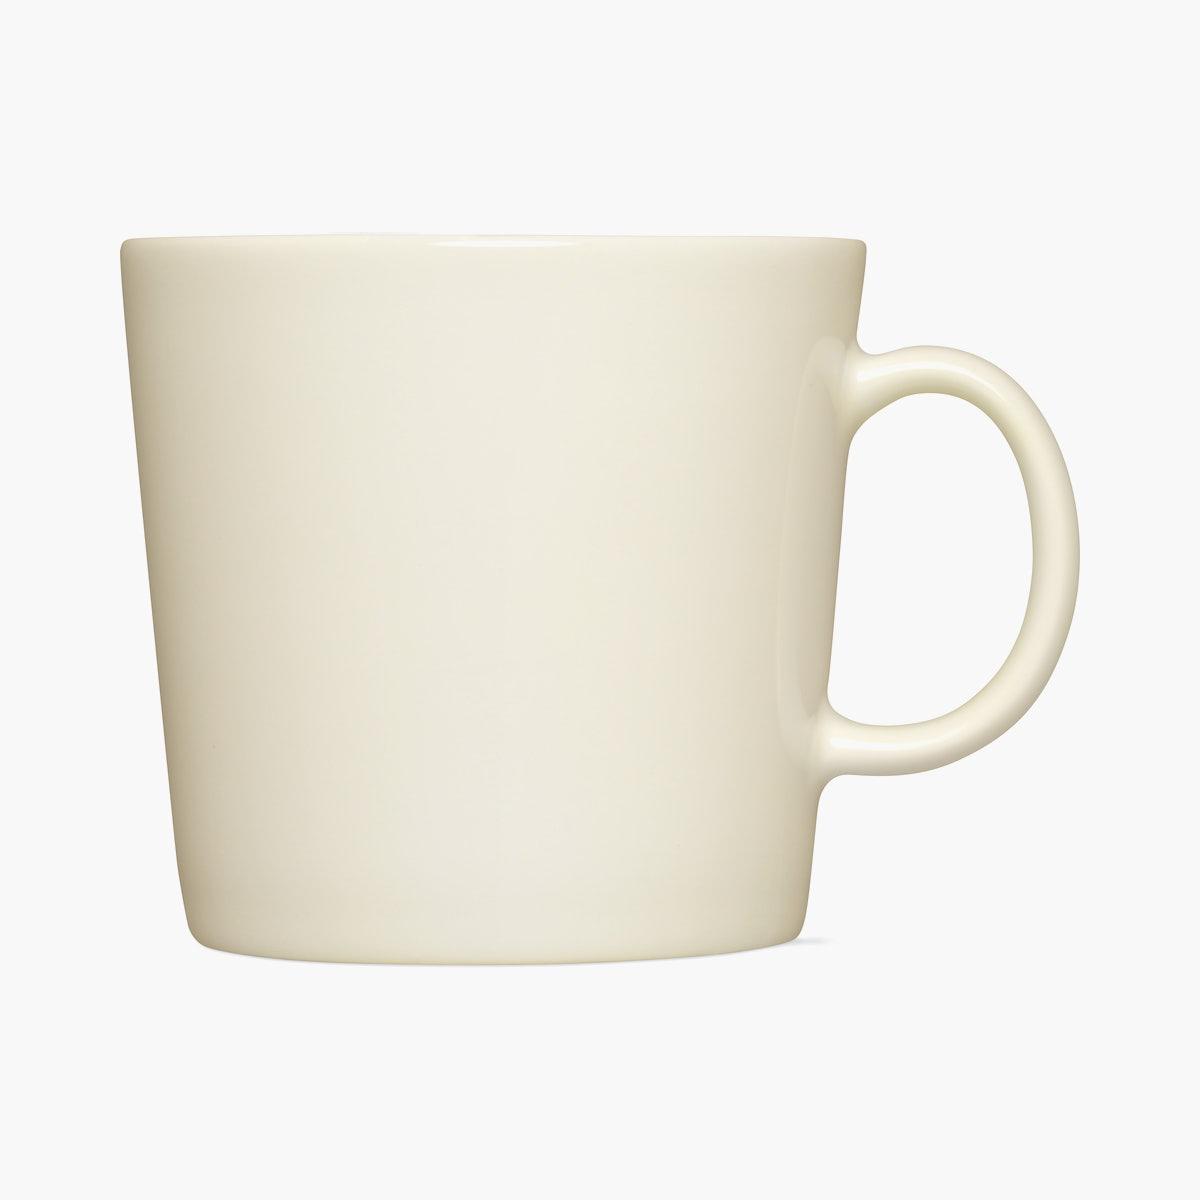 Teema Mug, Set of 2